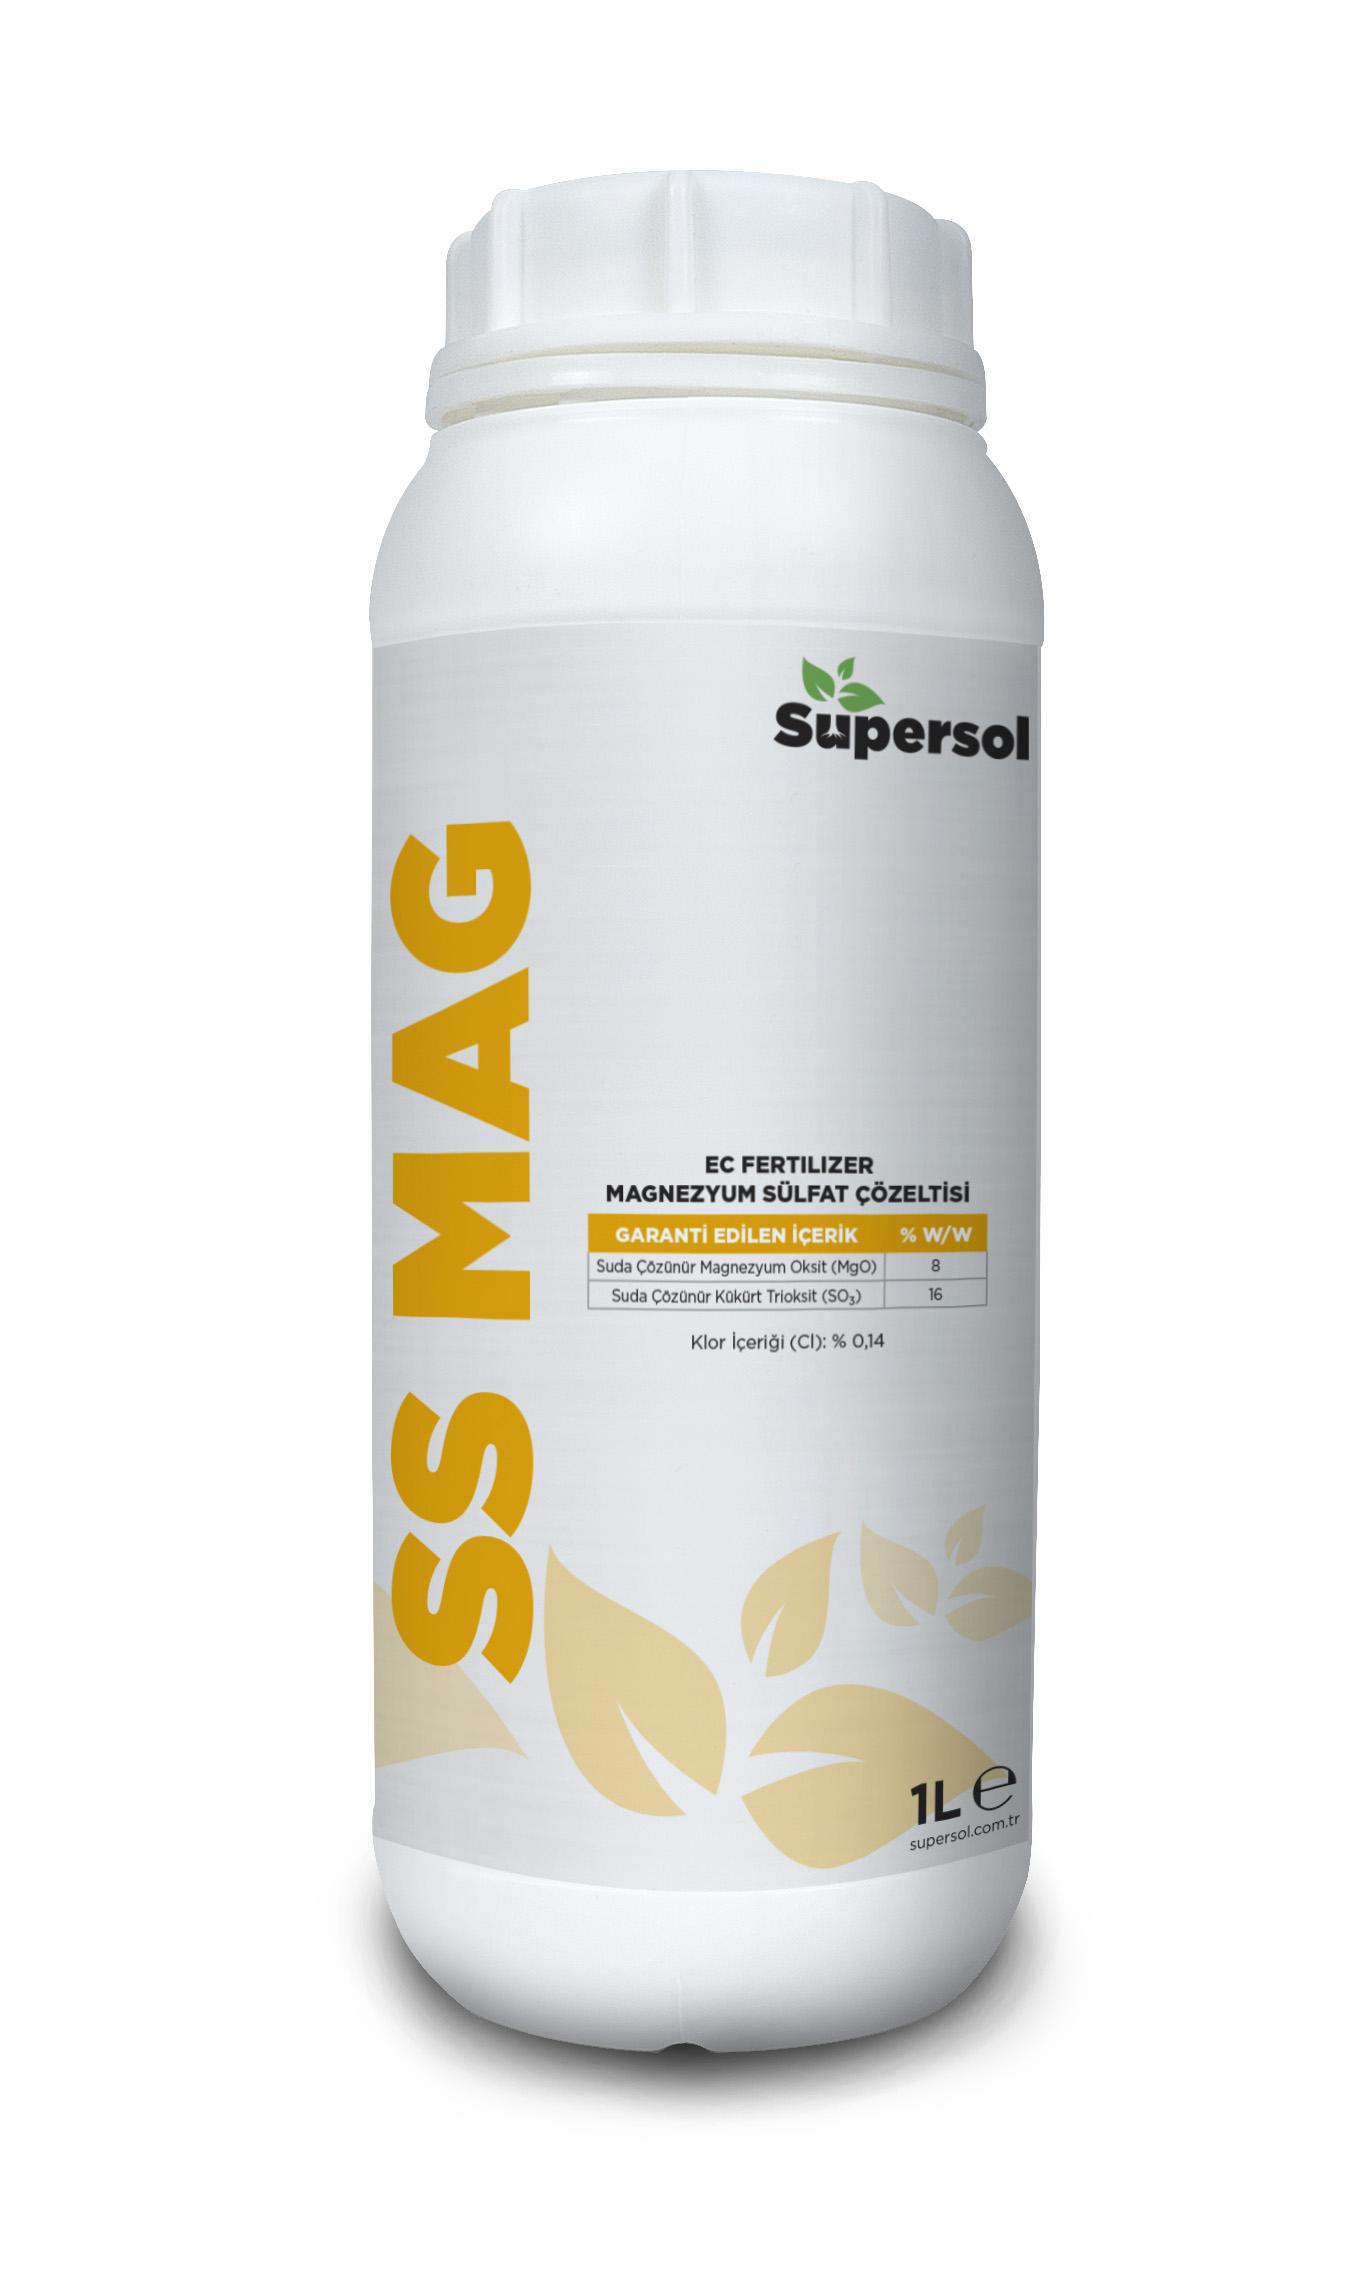 SS MAG  ( Magnezyum Sülfat Çözeltisi)